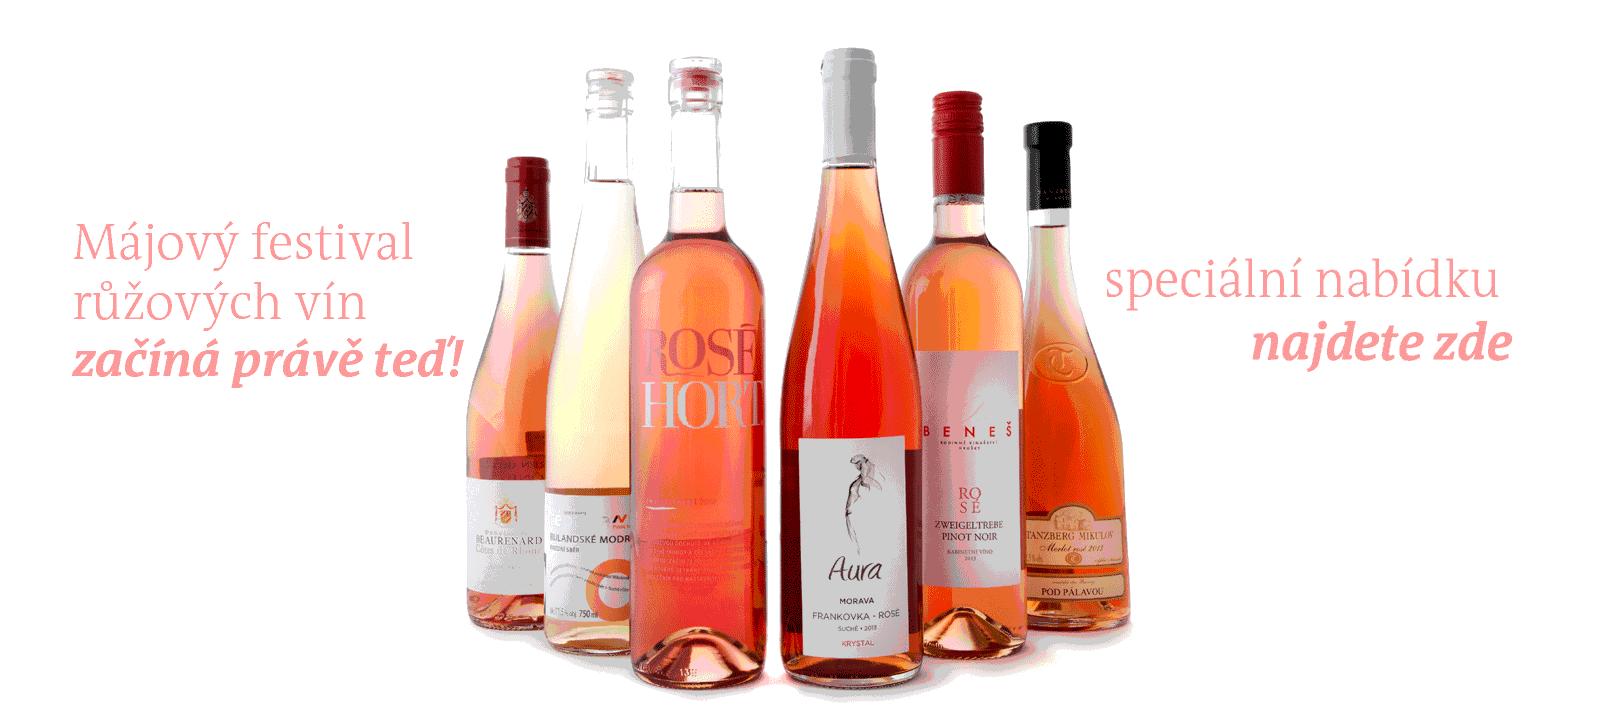 Festival růžových vín